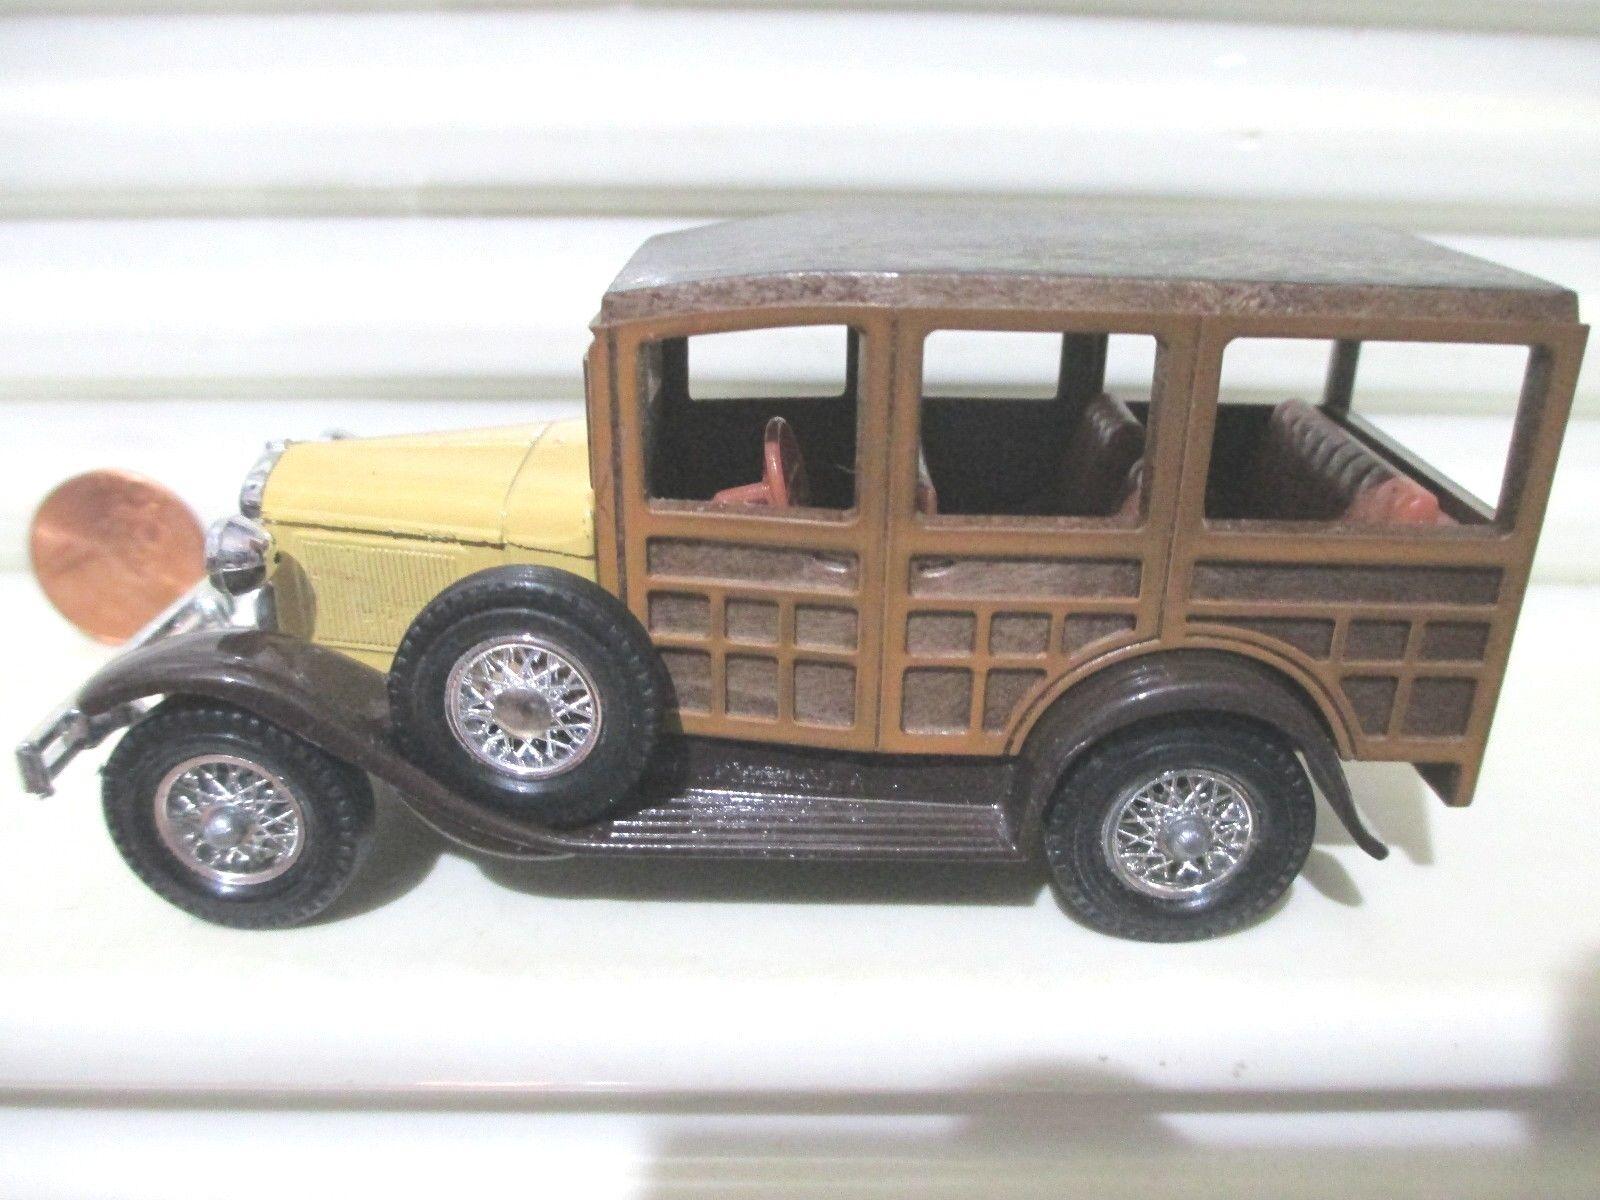 MATCHBOX YESTERYEAR préproduction Y21 modèle 1930 une Ford n'y no date noir toit